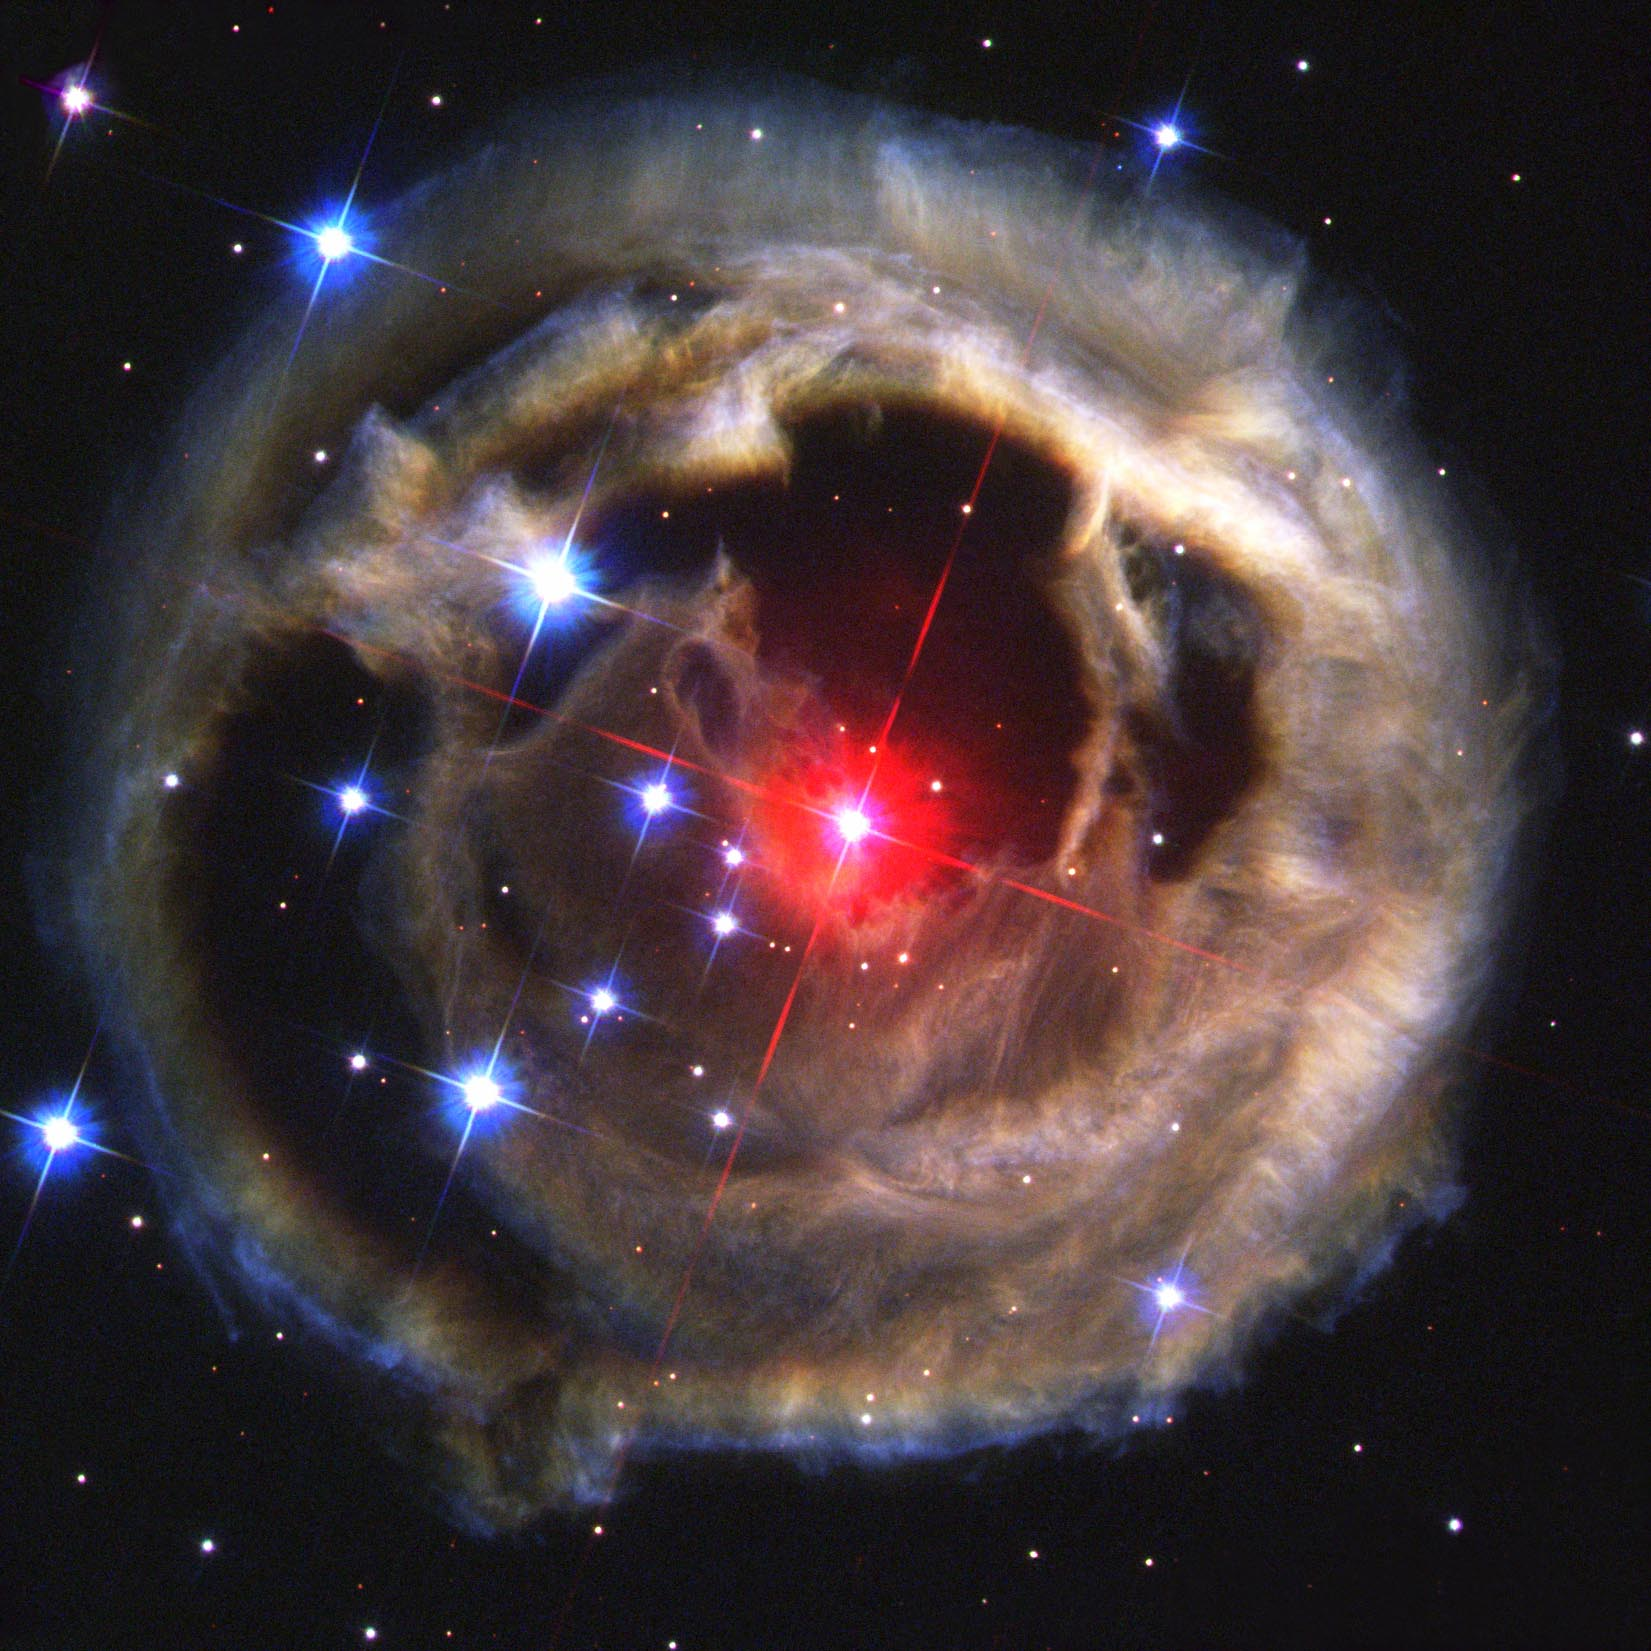 Échos lumineux dans V838 Monocerotis. En janvier 2002, une petite étoile de la constellation de la Licorne (Monoceros) est soudain devenue 600 000 fois plus brillante que le Soleil, faisant d'elle sur le moment l'astre le plus brillant de la Galaxie. Cette éruption ressemble à celle d'une nova. Le cas intéressant de V838 Monocerotis est l'écho de lumière : le flash a éclairé les couches de poussières et de gaz normalement invisibles situées autour de l'étoile. Ces couches ont été éjectées par l'étoile lors de ses éruptions précédentes.